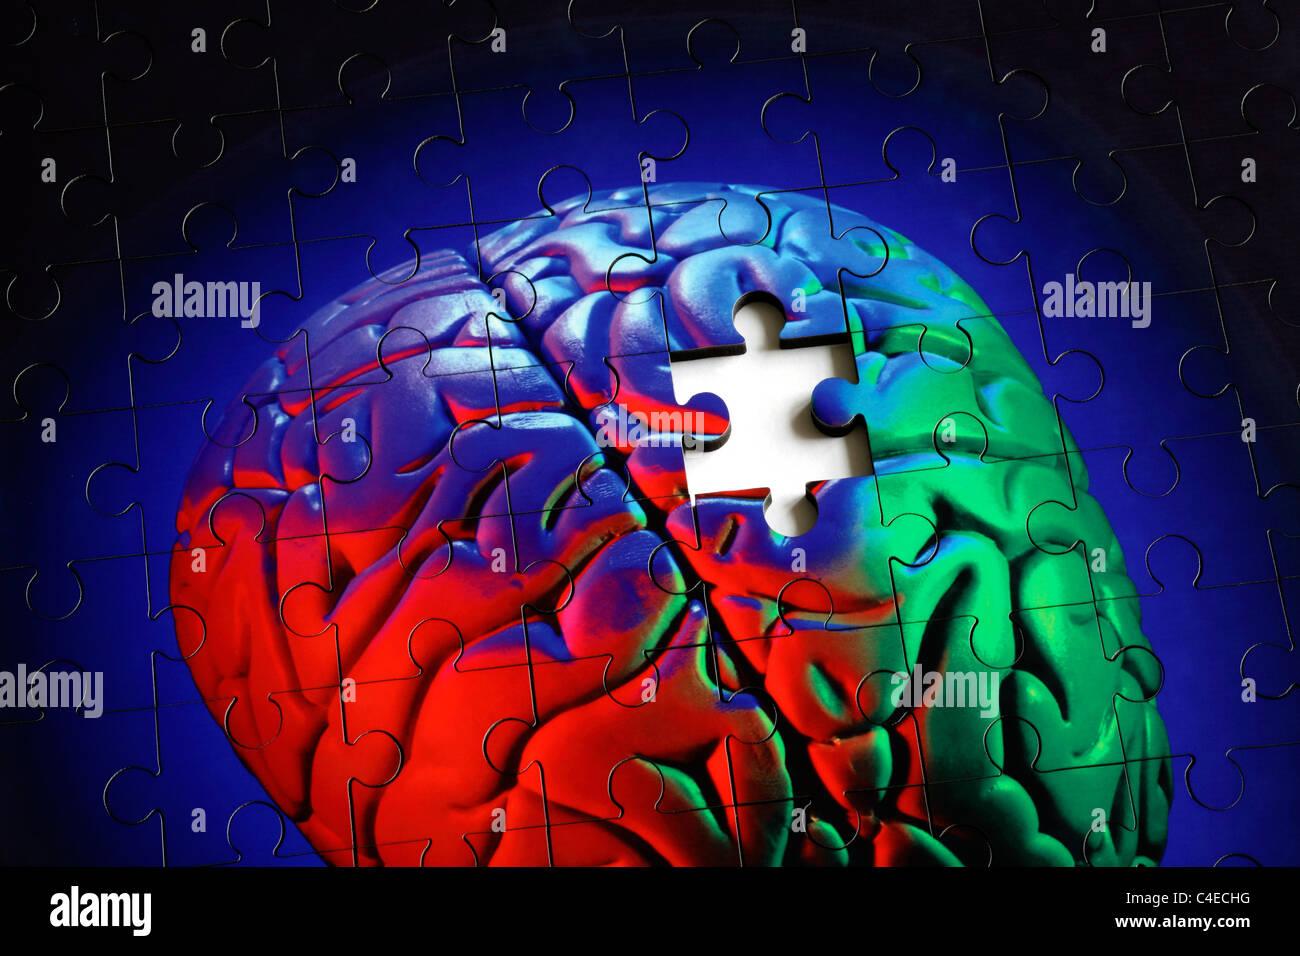 Pieza faltante de un rompecabezas compuesto por una foto de un humano (modelo) del cerebro. Imagen De Stock